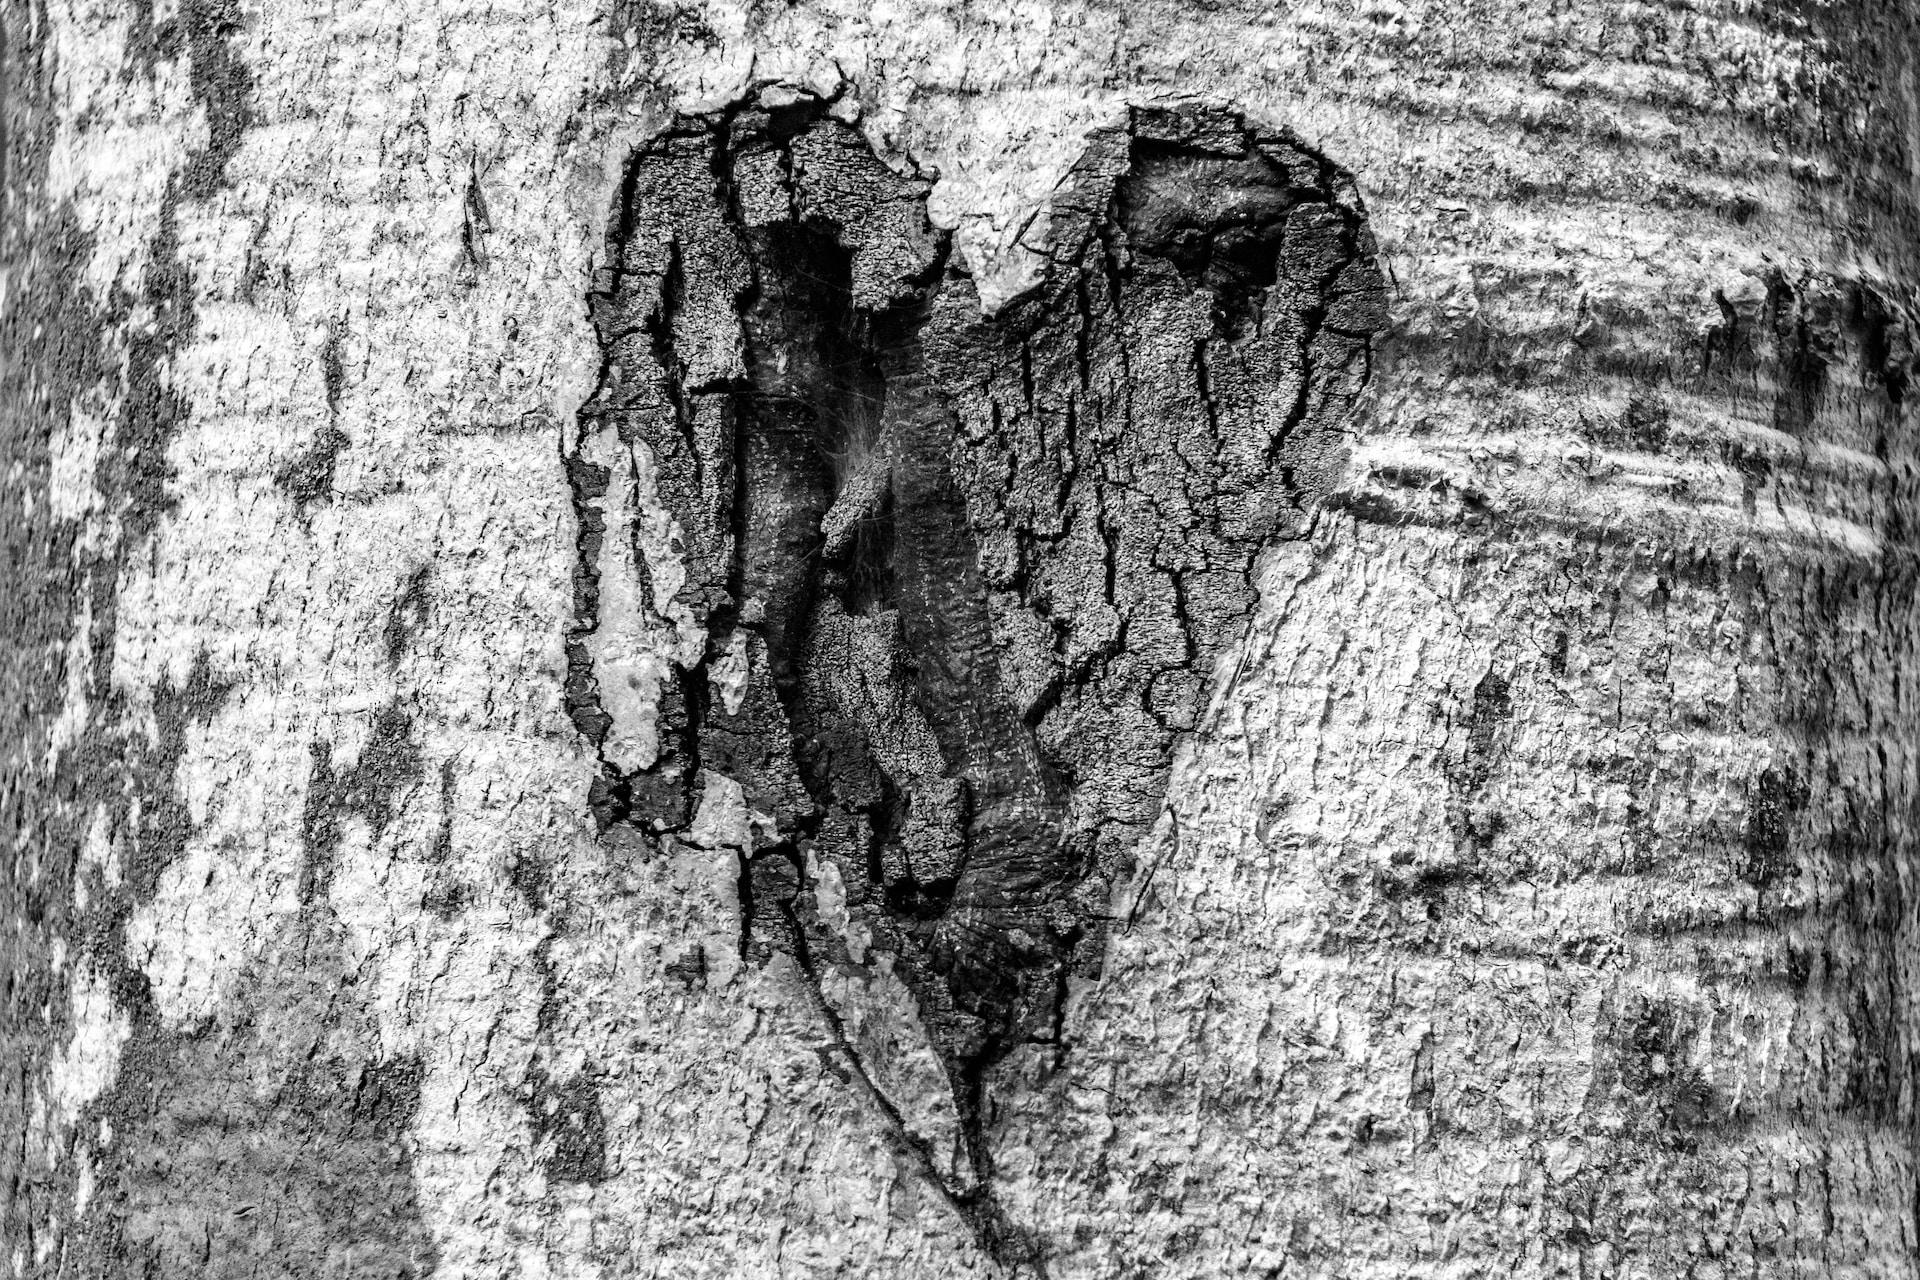 heart shape in tree trunk